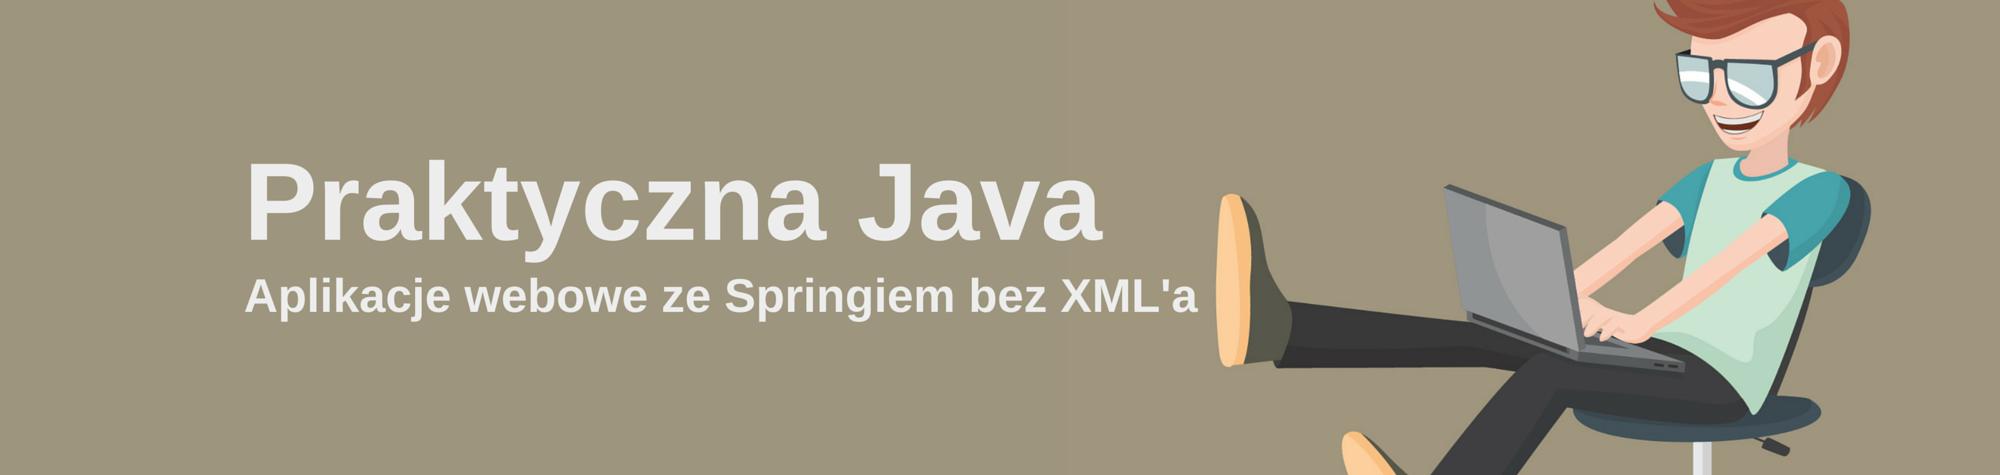 Wpis-Header Praktyczna Java